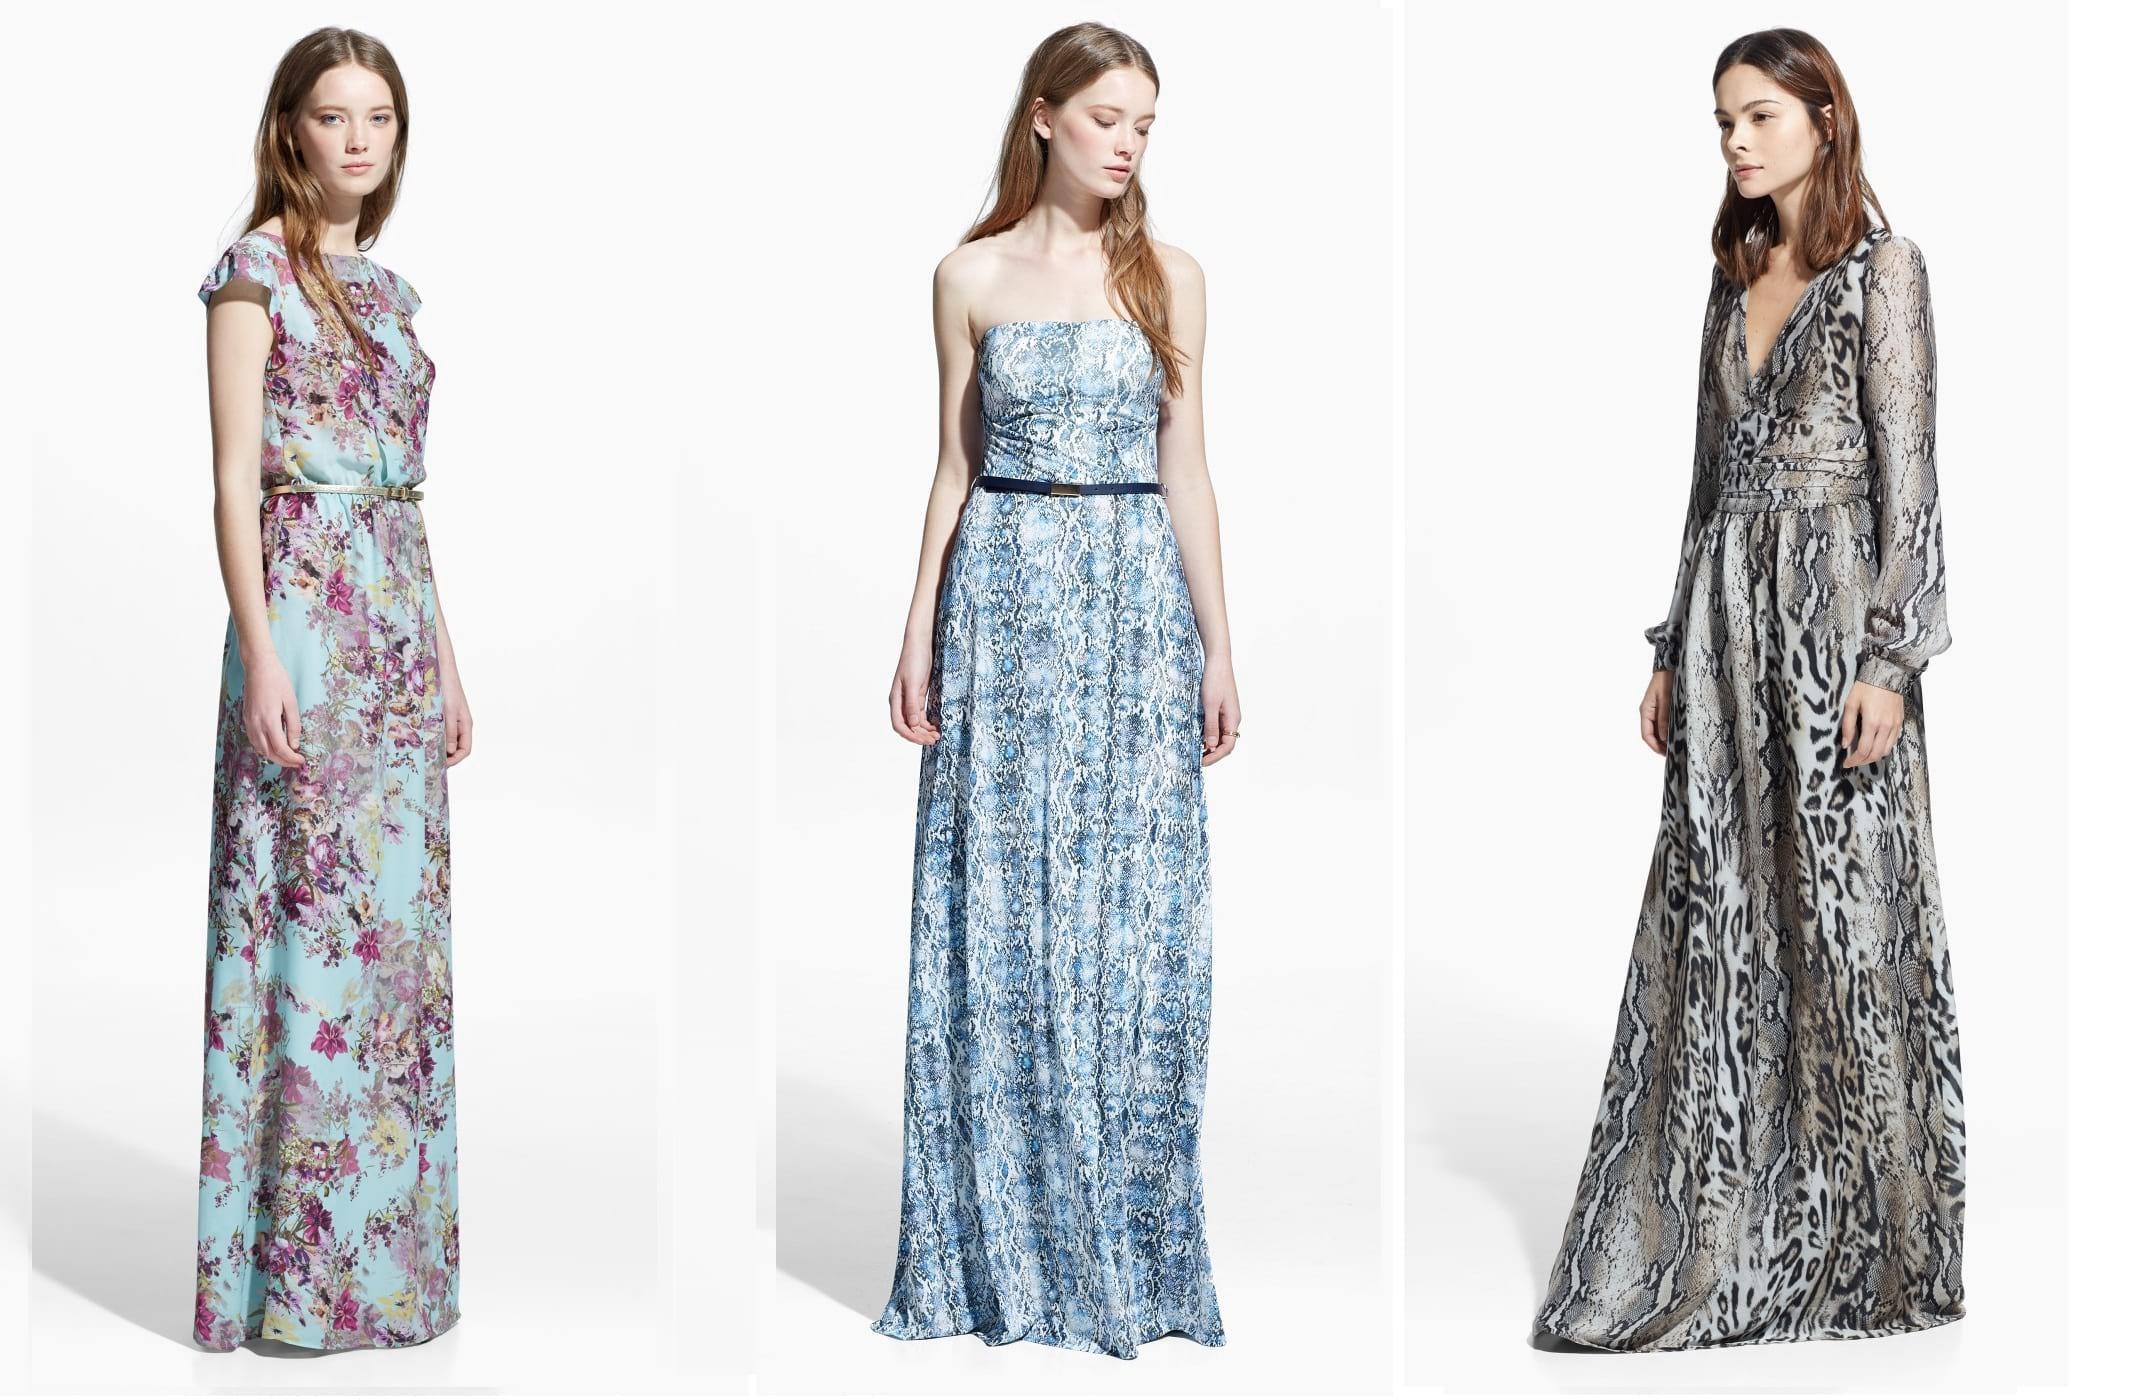 Vestidos de festa Mango 2015: vestidos longos estampados